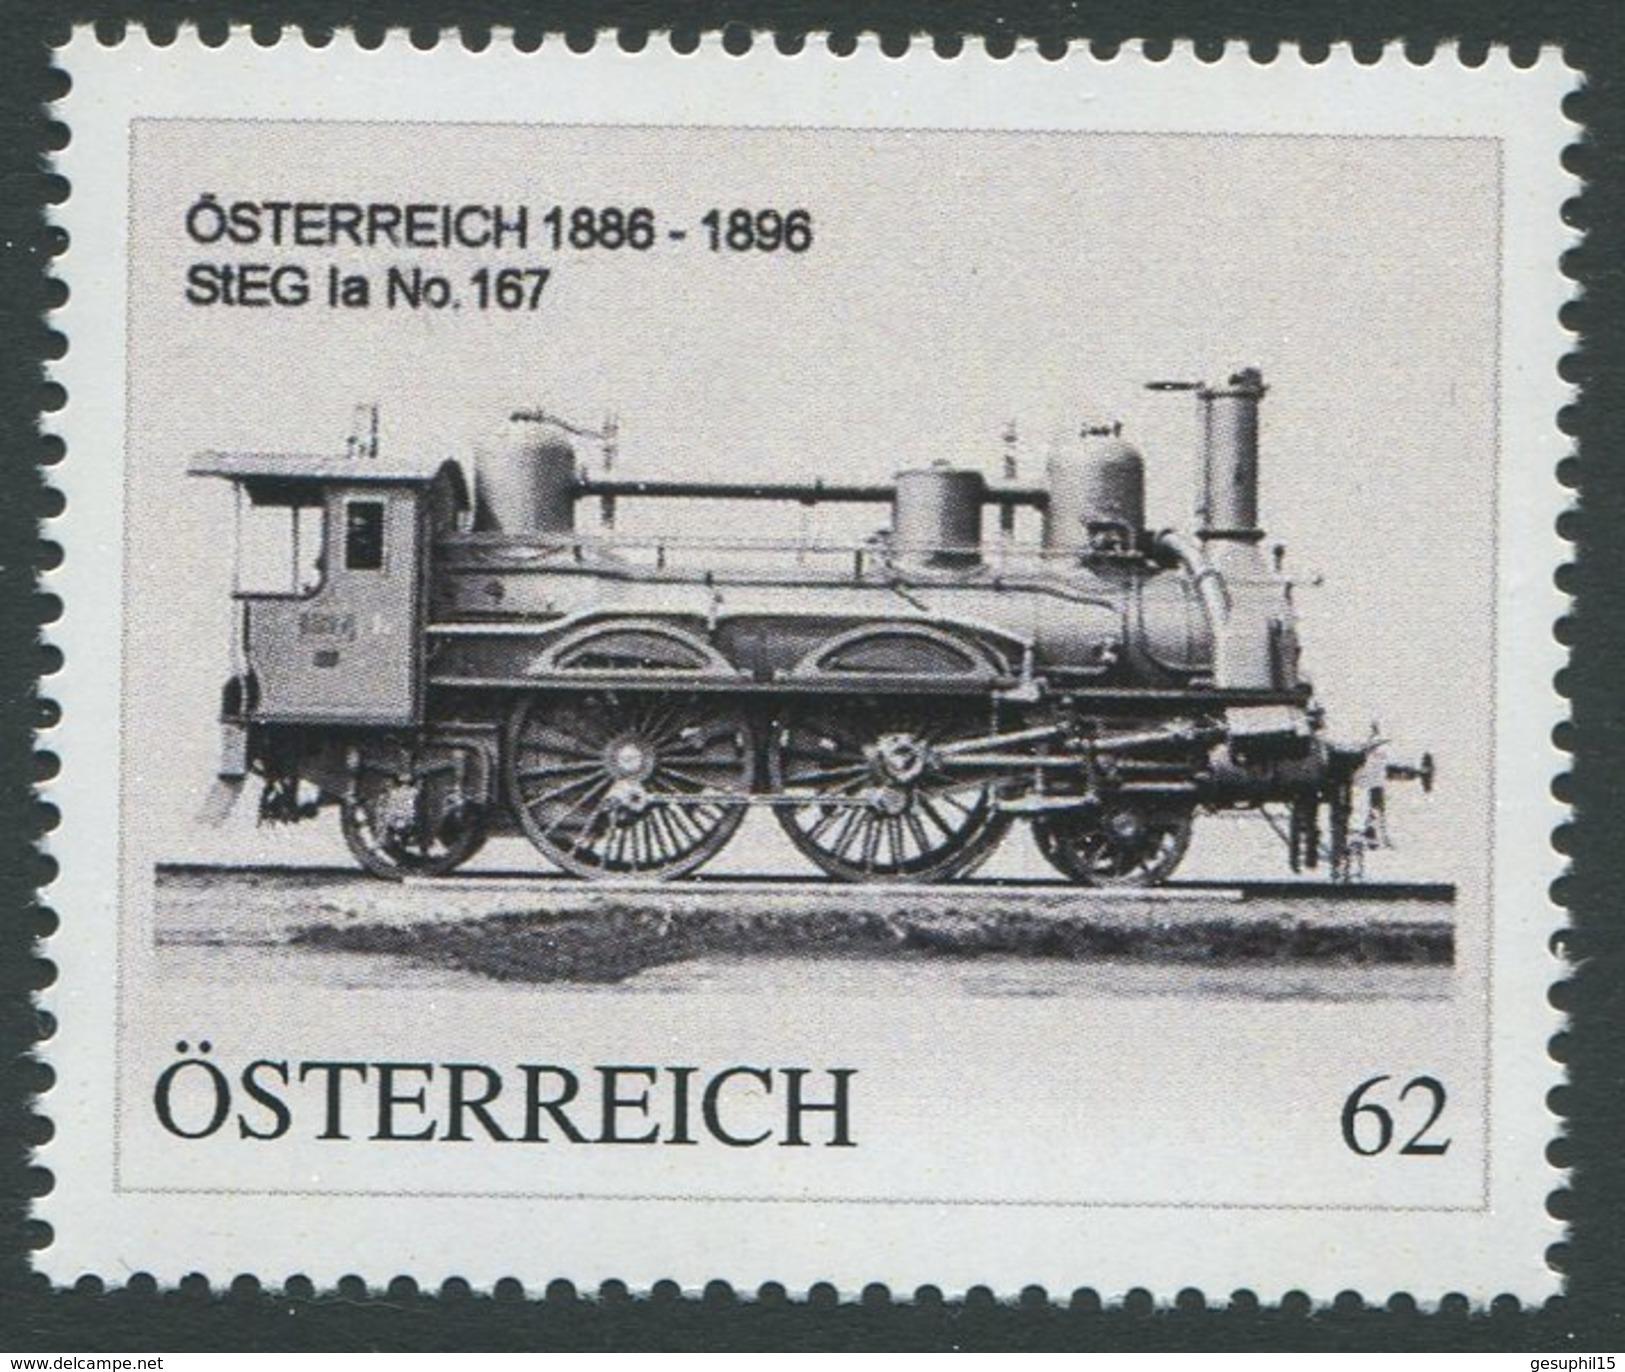 ÖSTERREICH / Lokomotive 1886-1896 StEG Ia No.167 / Postfrisch / ** / MNH - Österreich